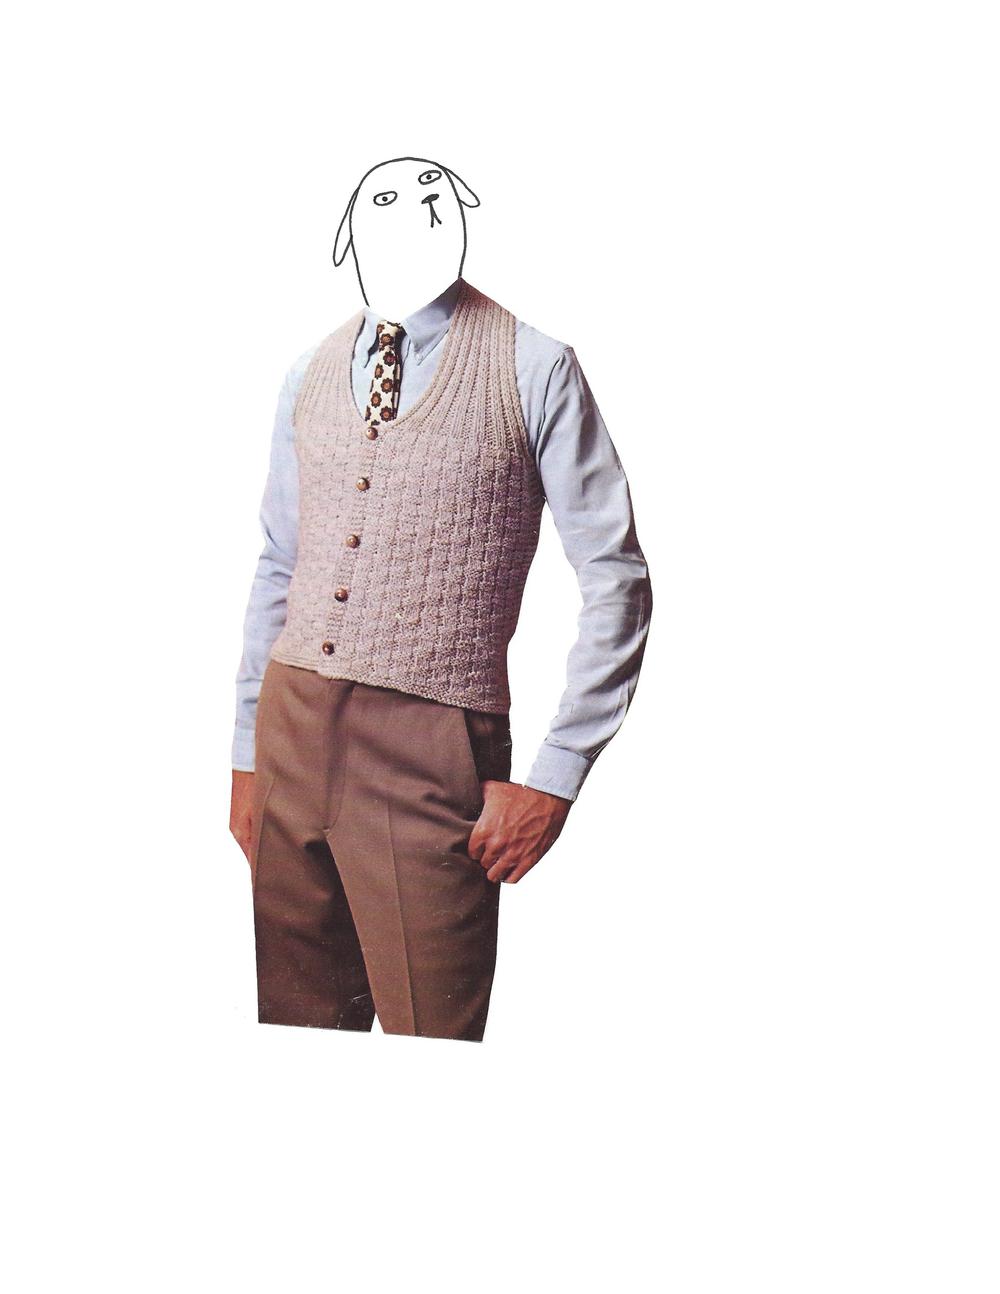 Sweatervest DogMan.jpg